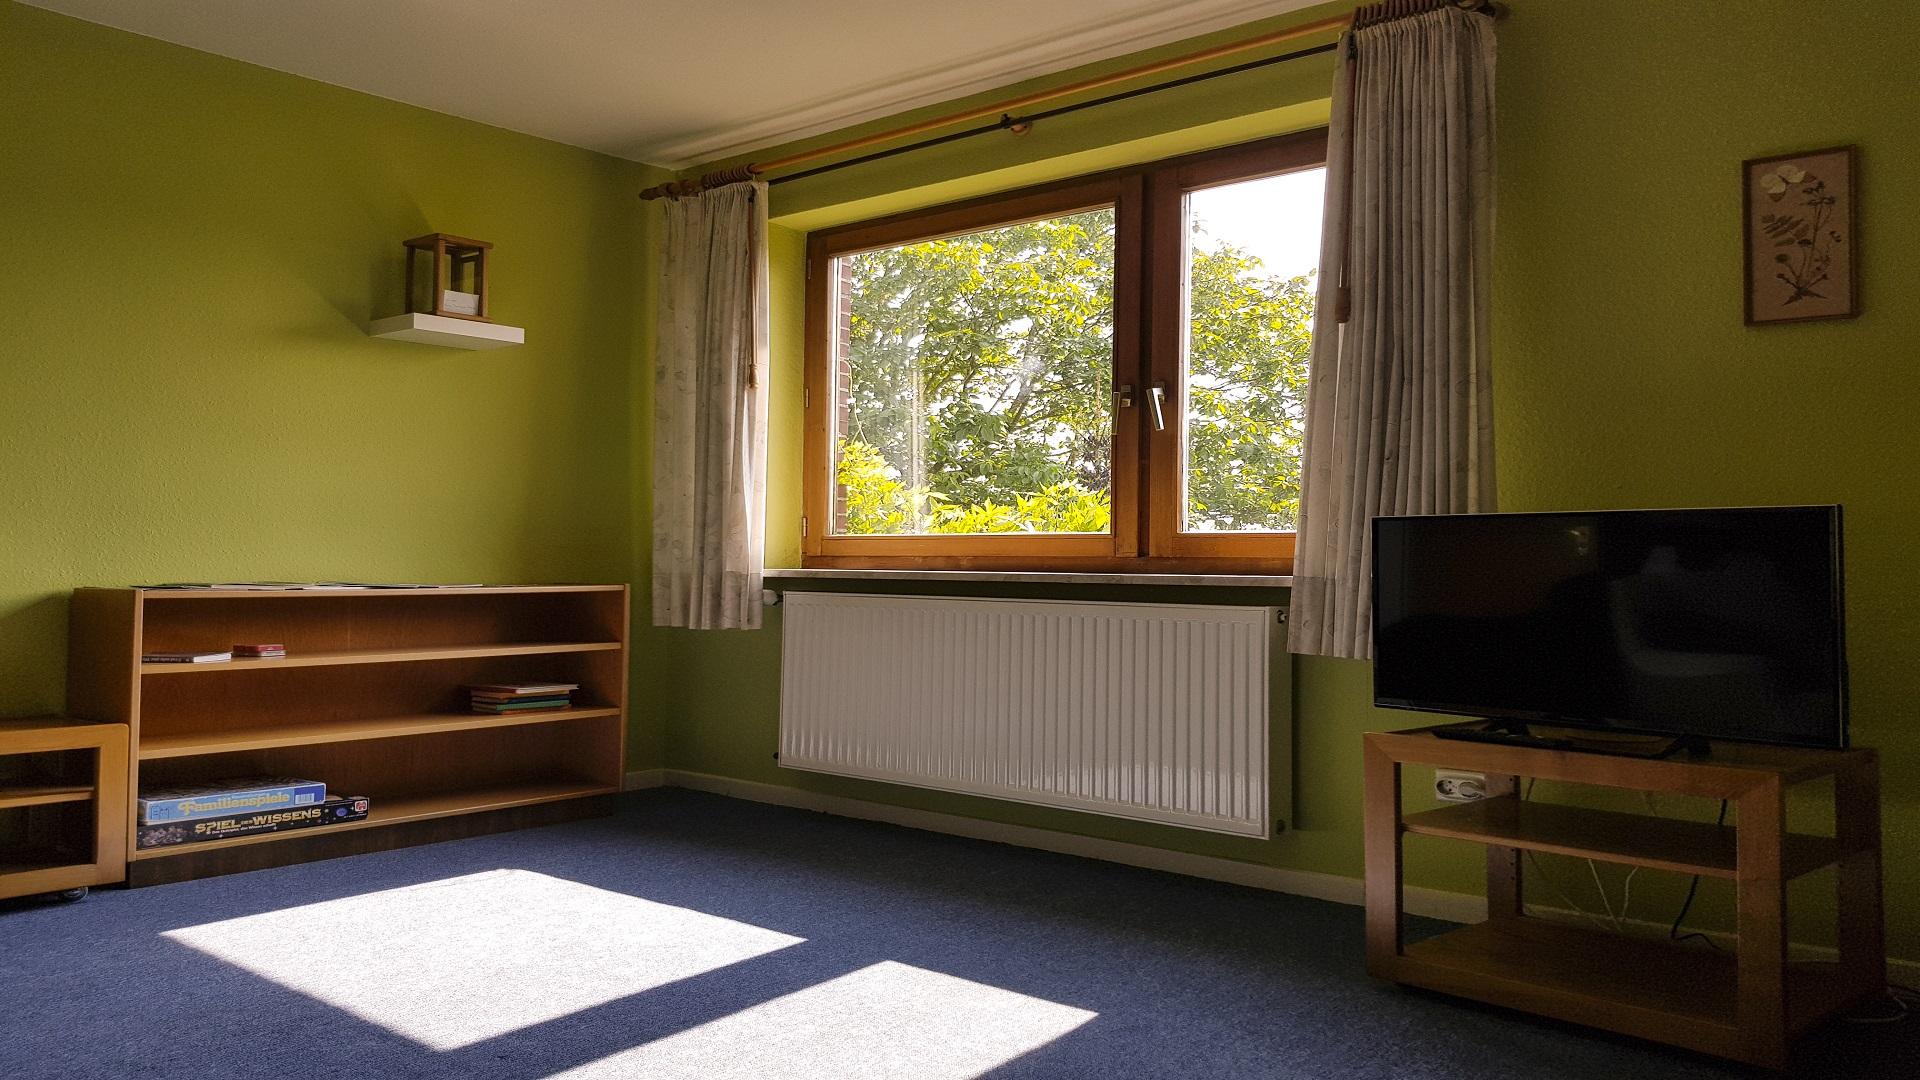 FW_Heide_3_Wohnzimmer.jpg